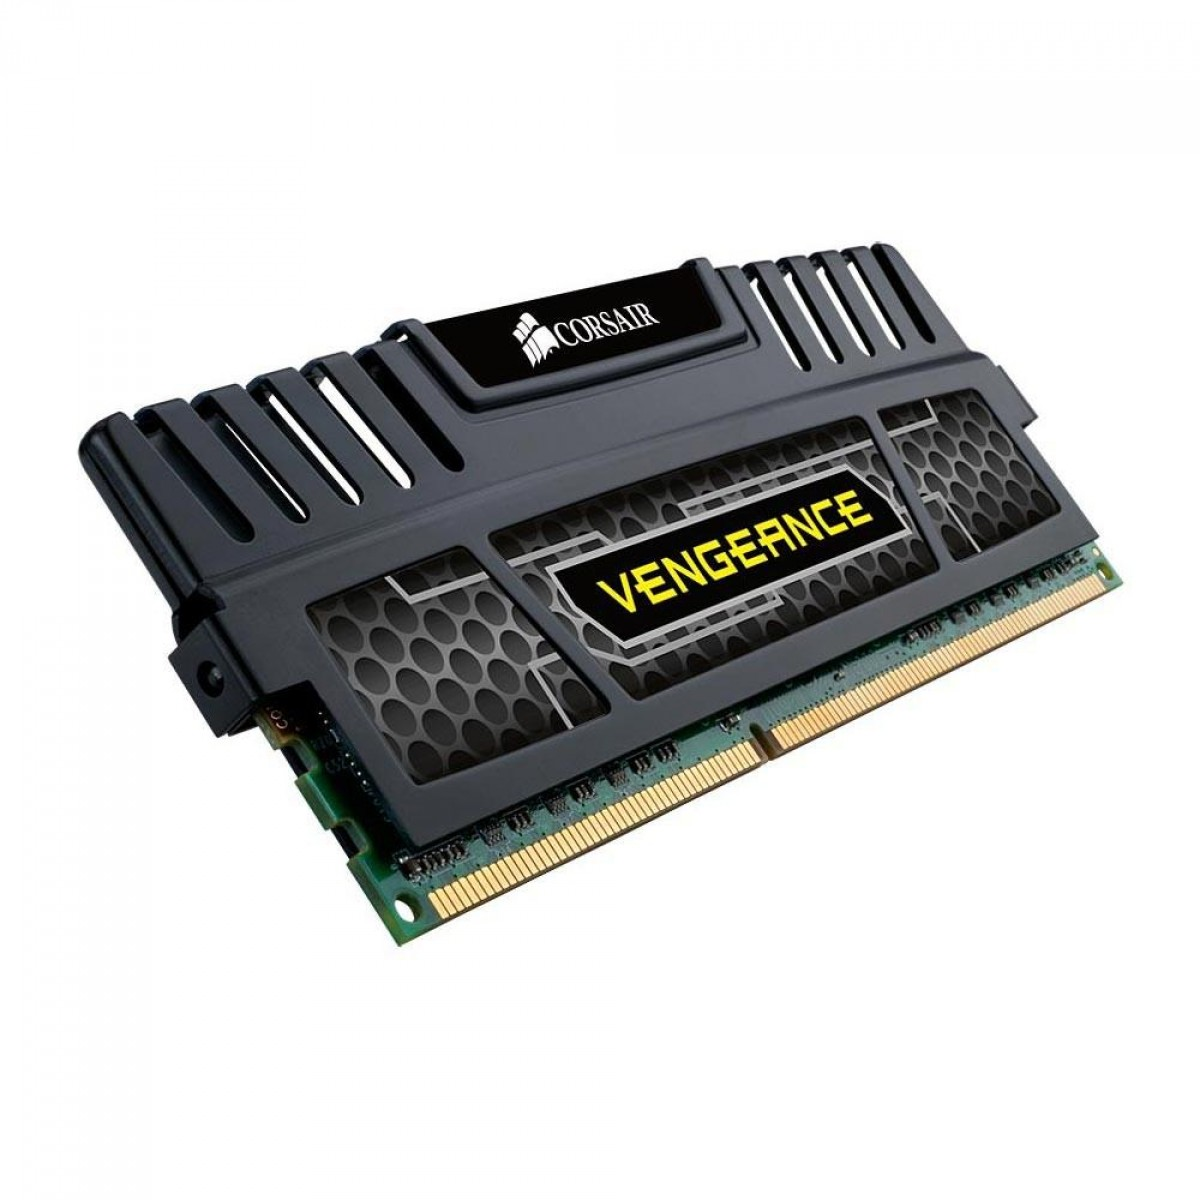 Memória DDR3 Corsair Vengeance CMZ8GX3M1A1600C10 8GB 1600MHz